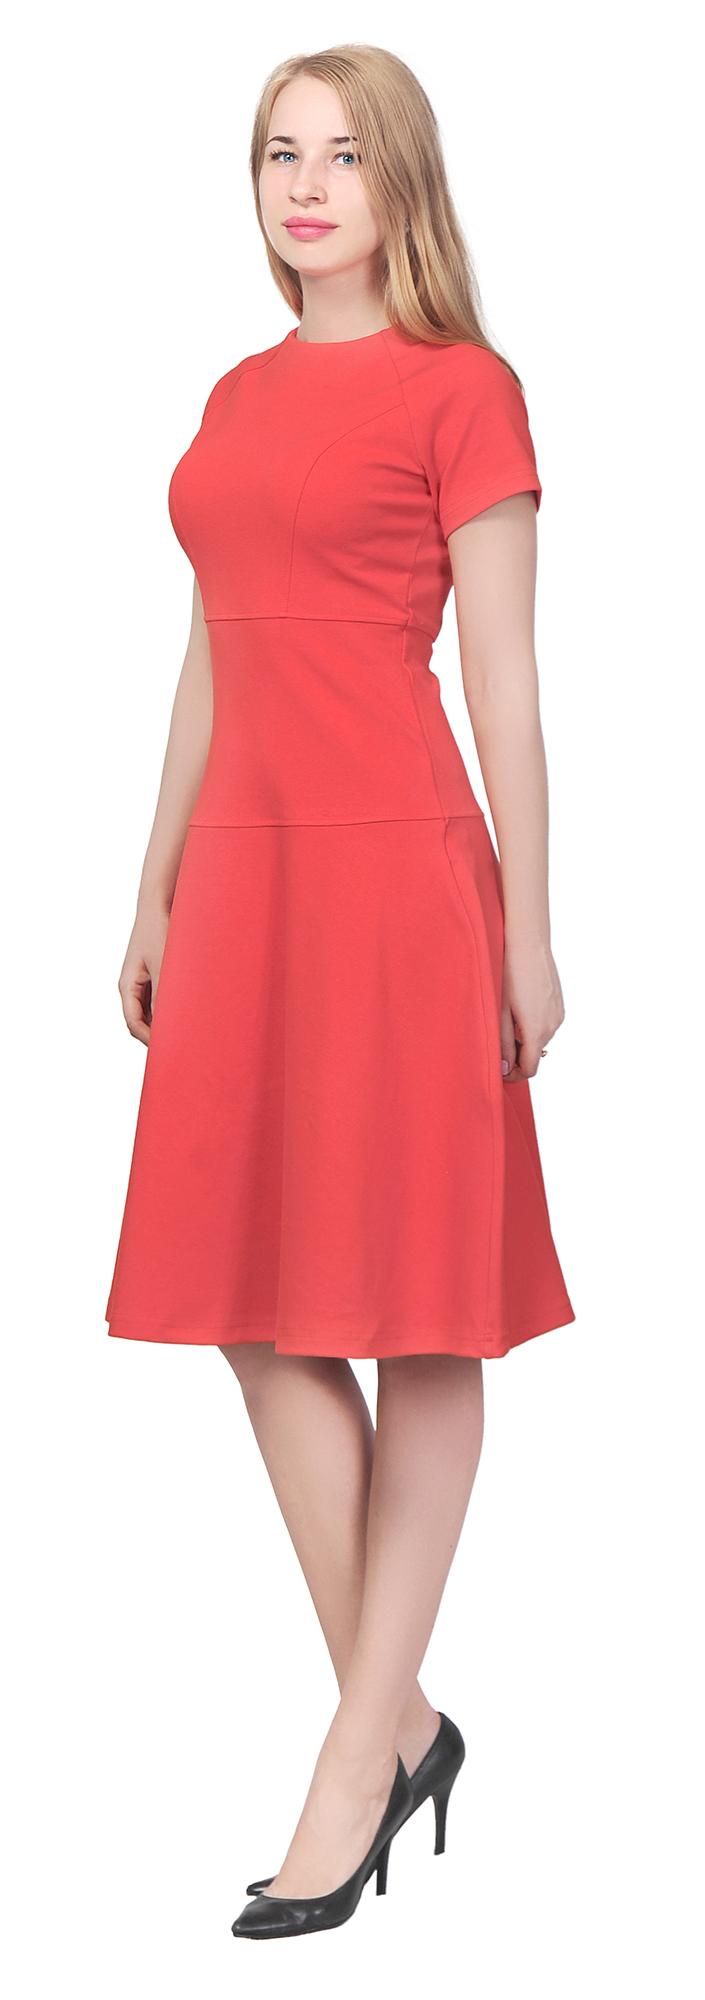 Short Sleeve Light Blue Dress